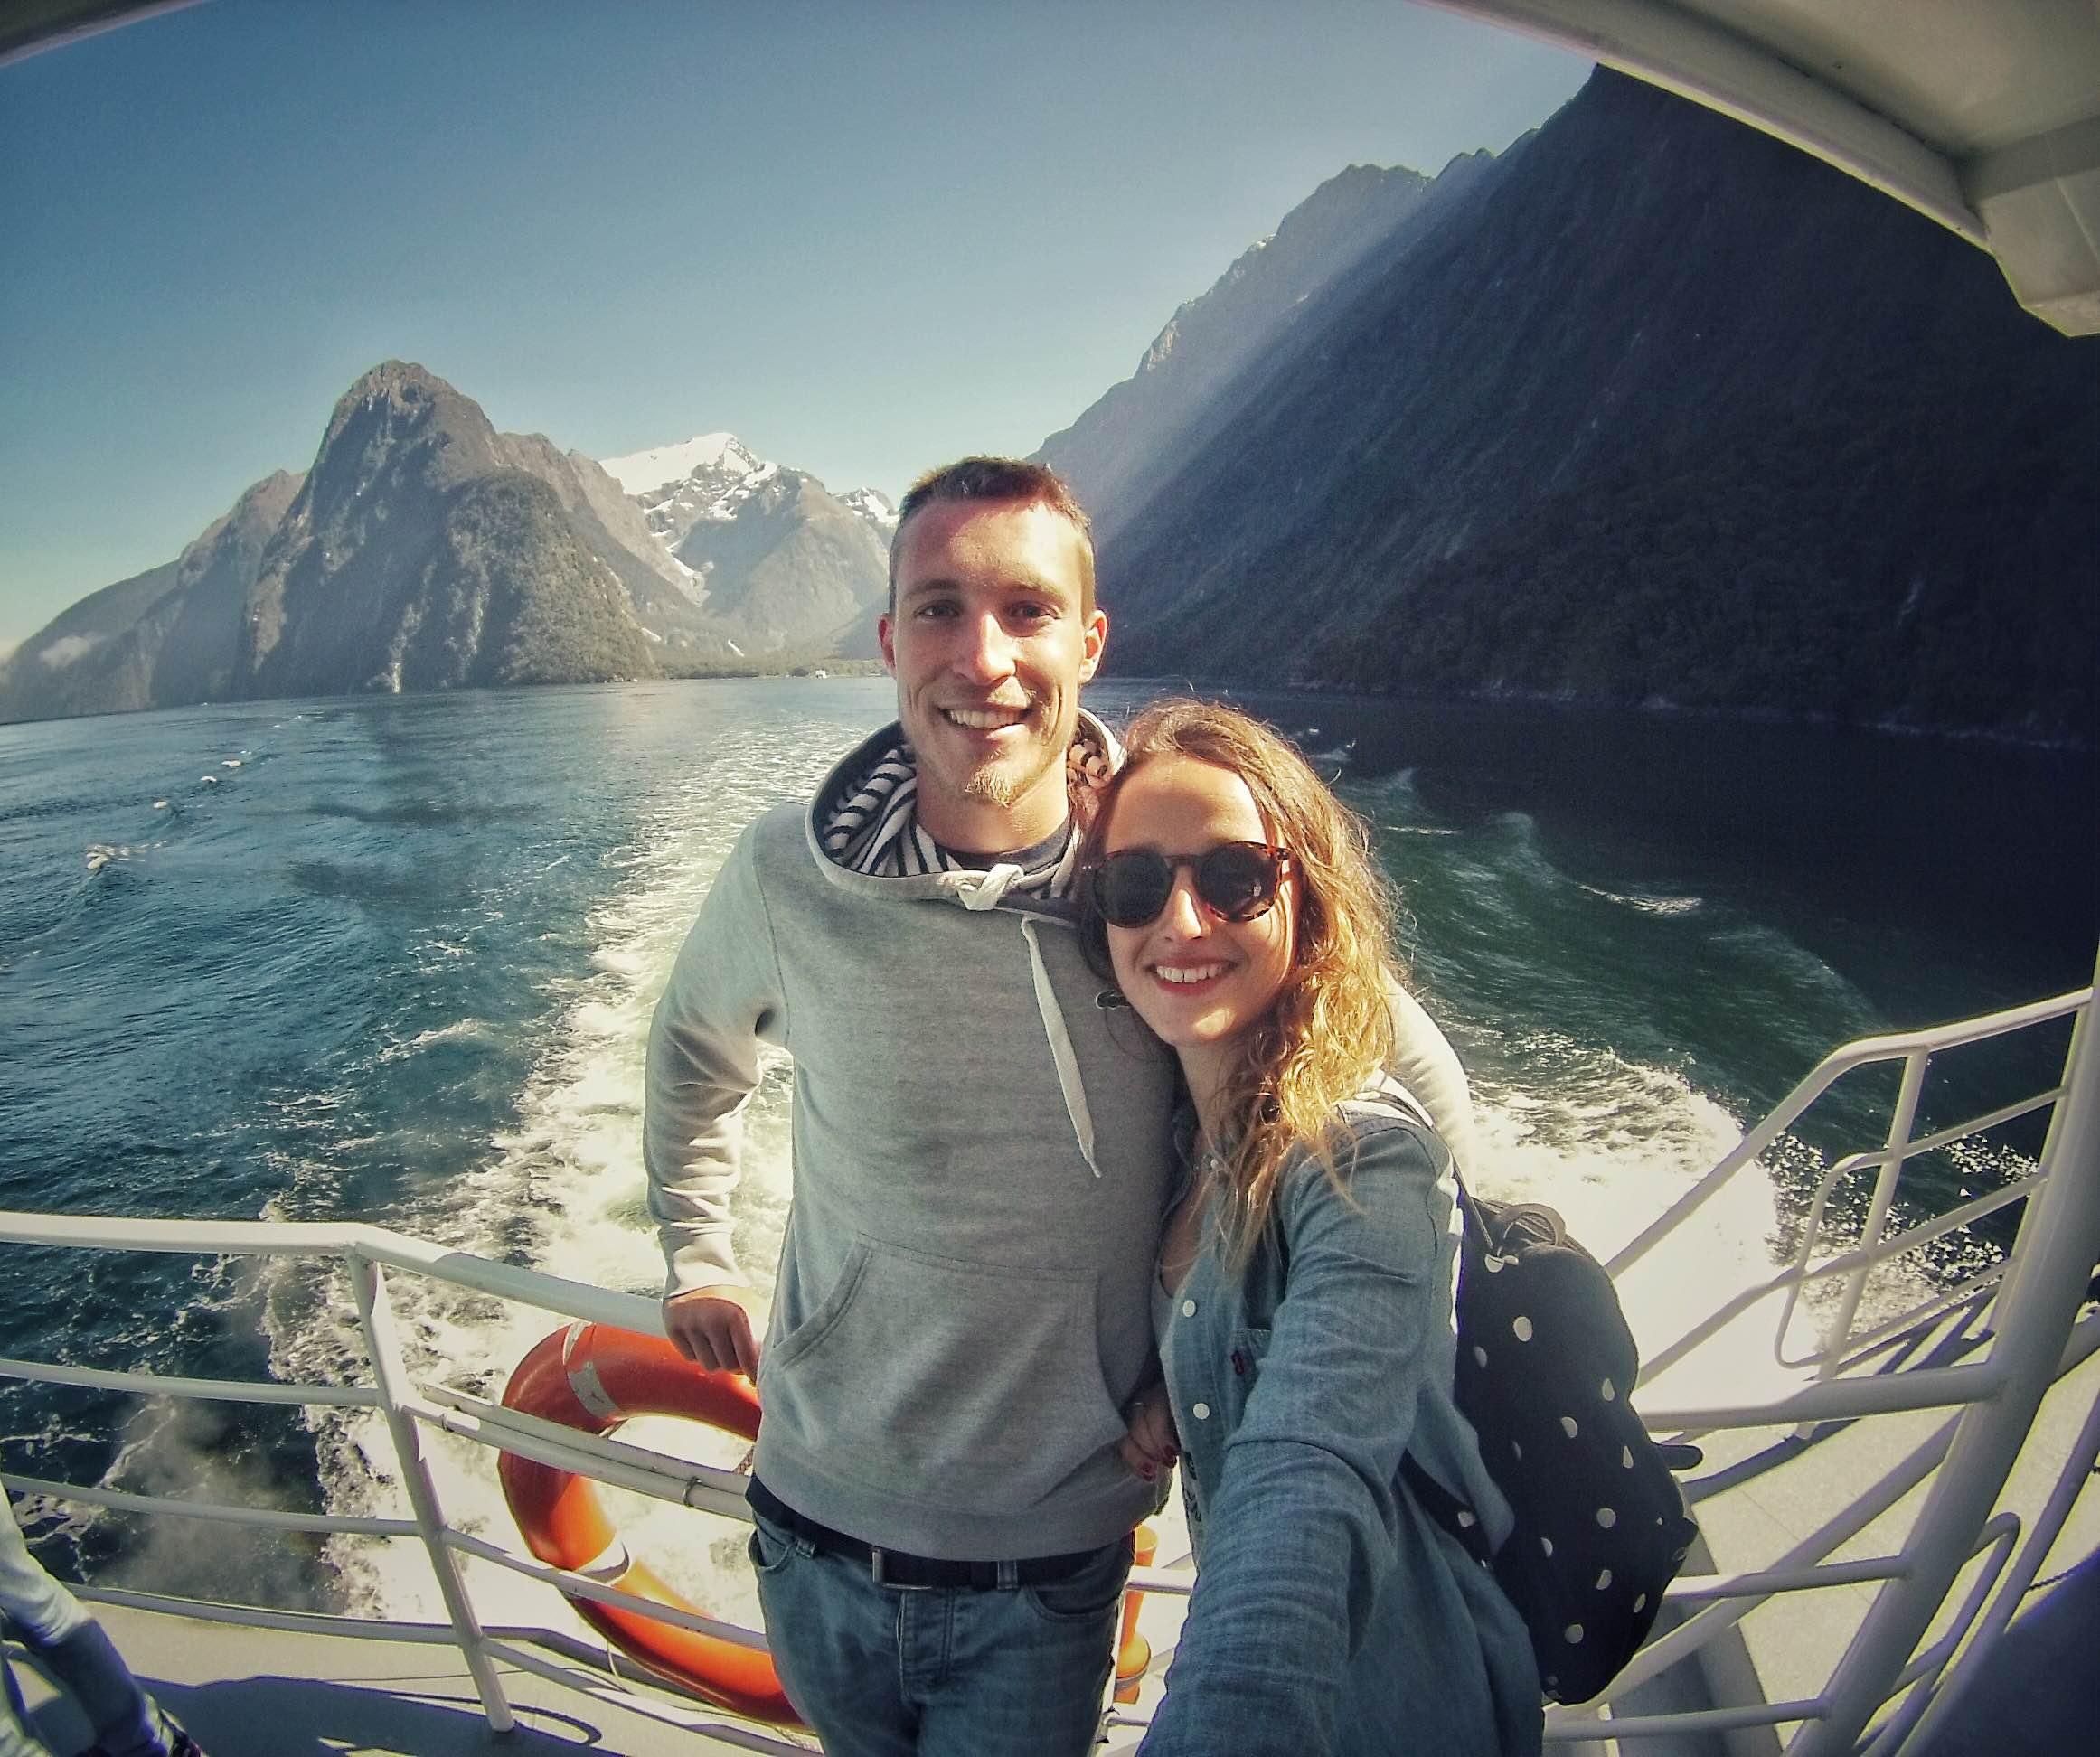 Jade et Florian - Road Trip Challenge